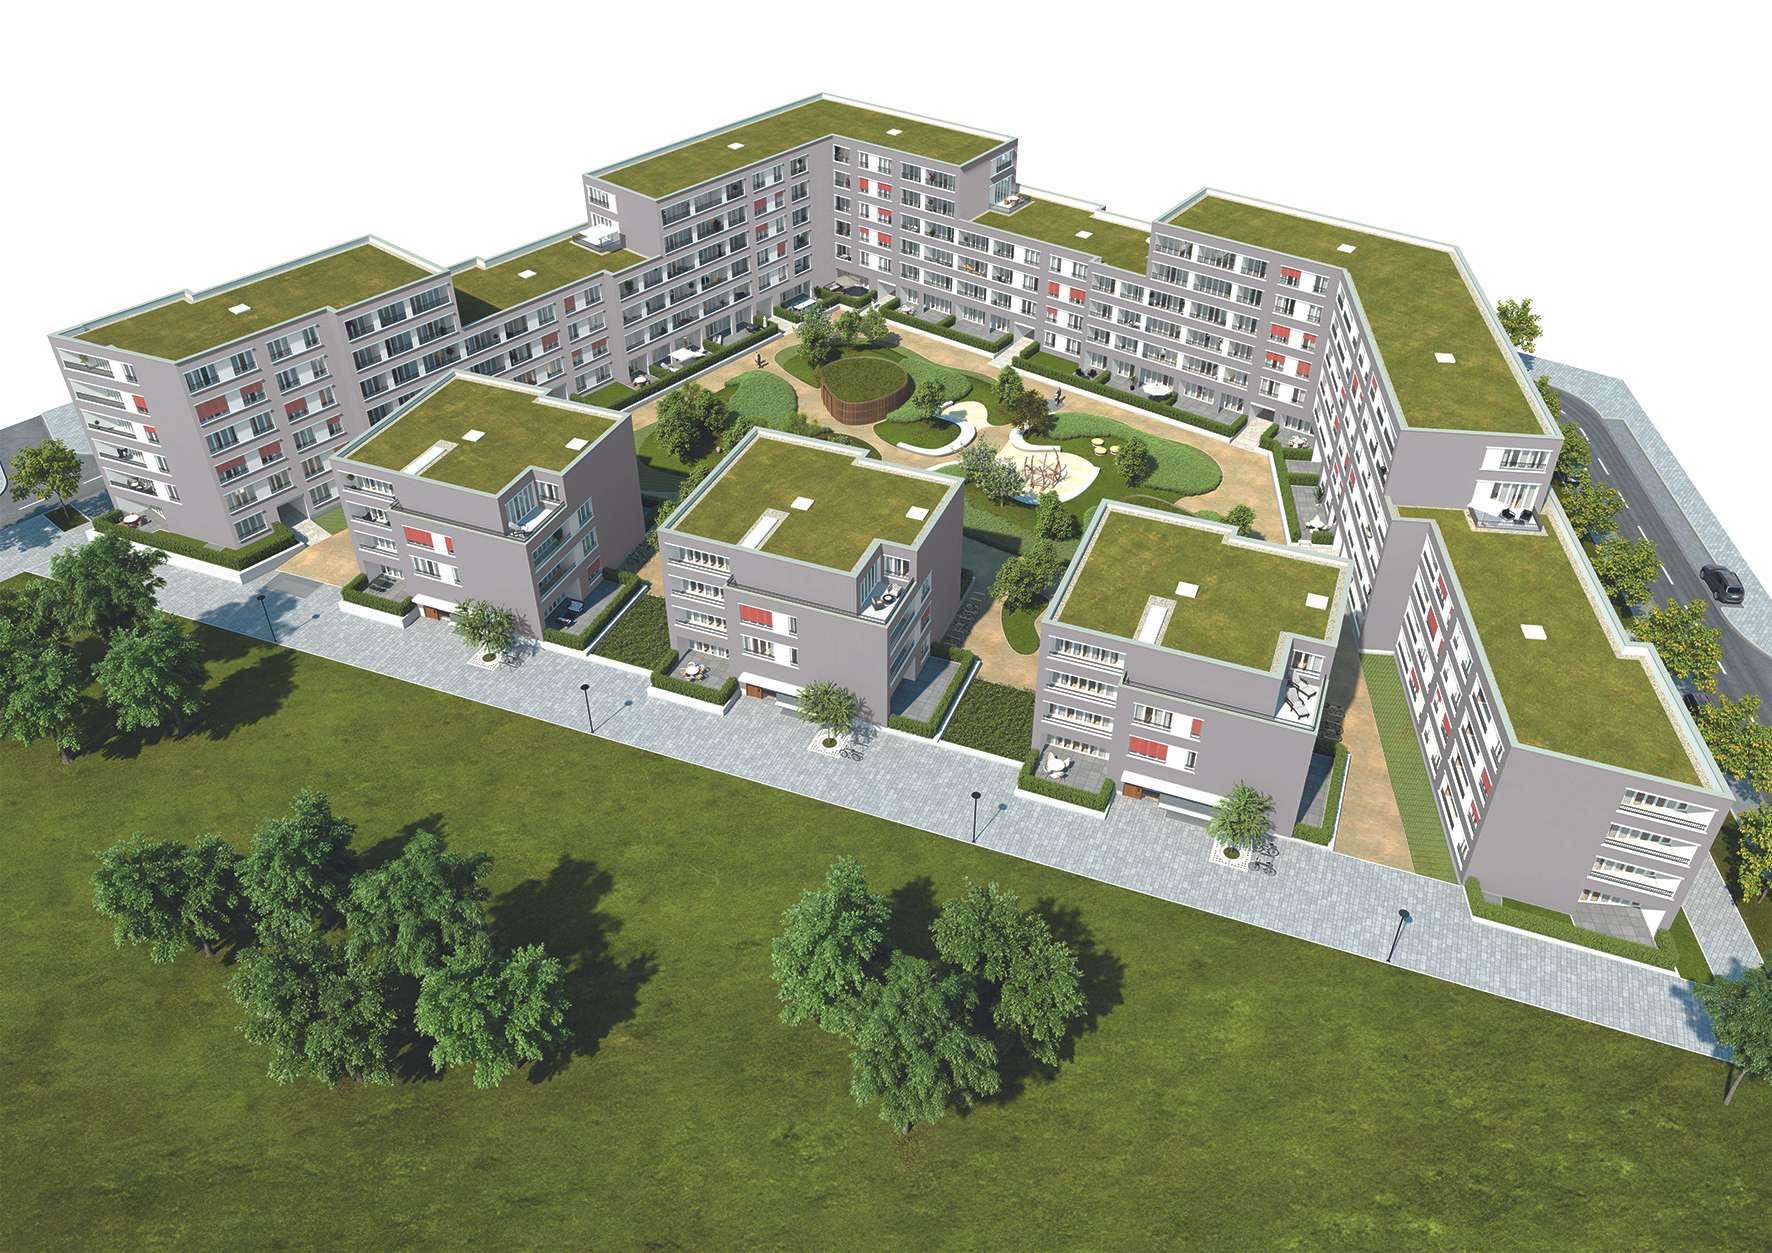 PASING-OBERMENZING (NEUBAU-ERSTBEZUG): 3-Zimmer-Terrassenwohnung zum Innenhof in Obermenzing (München)